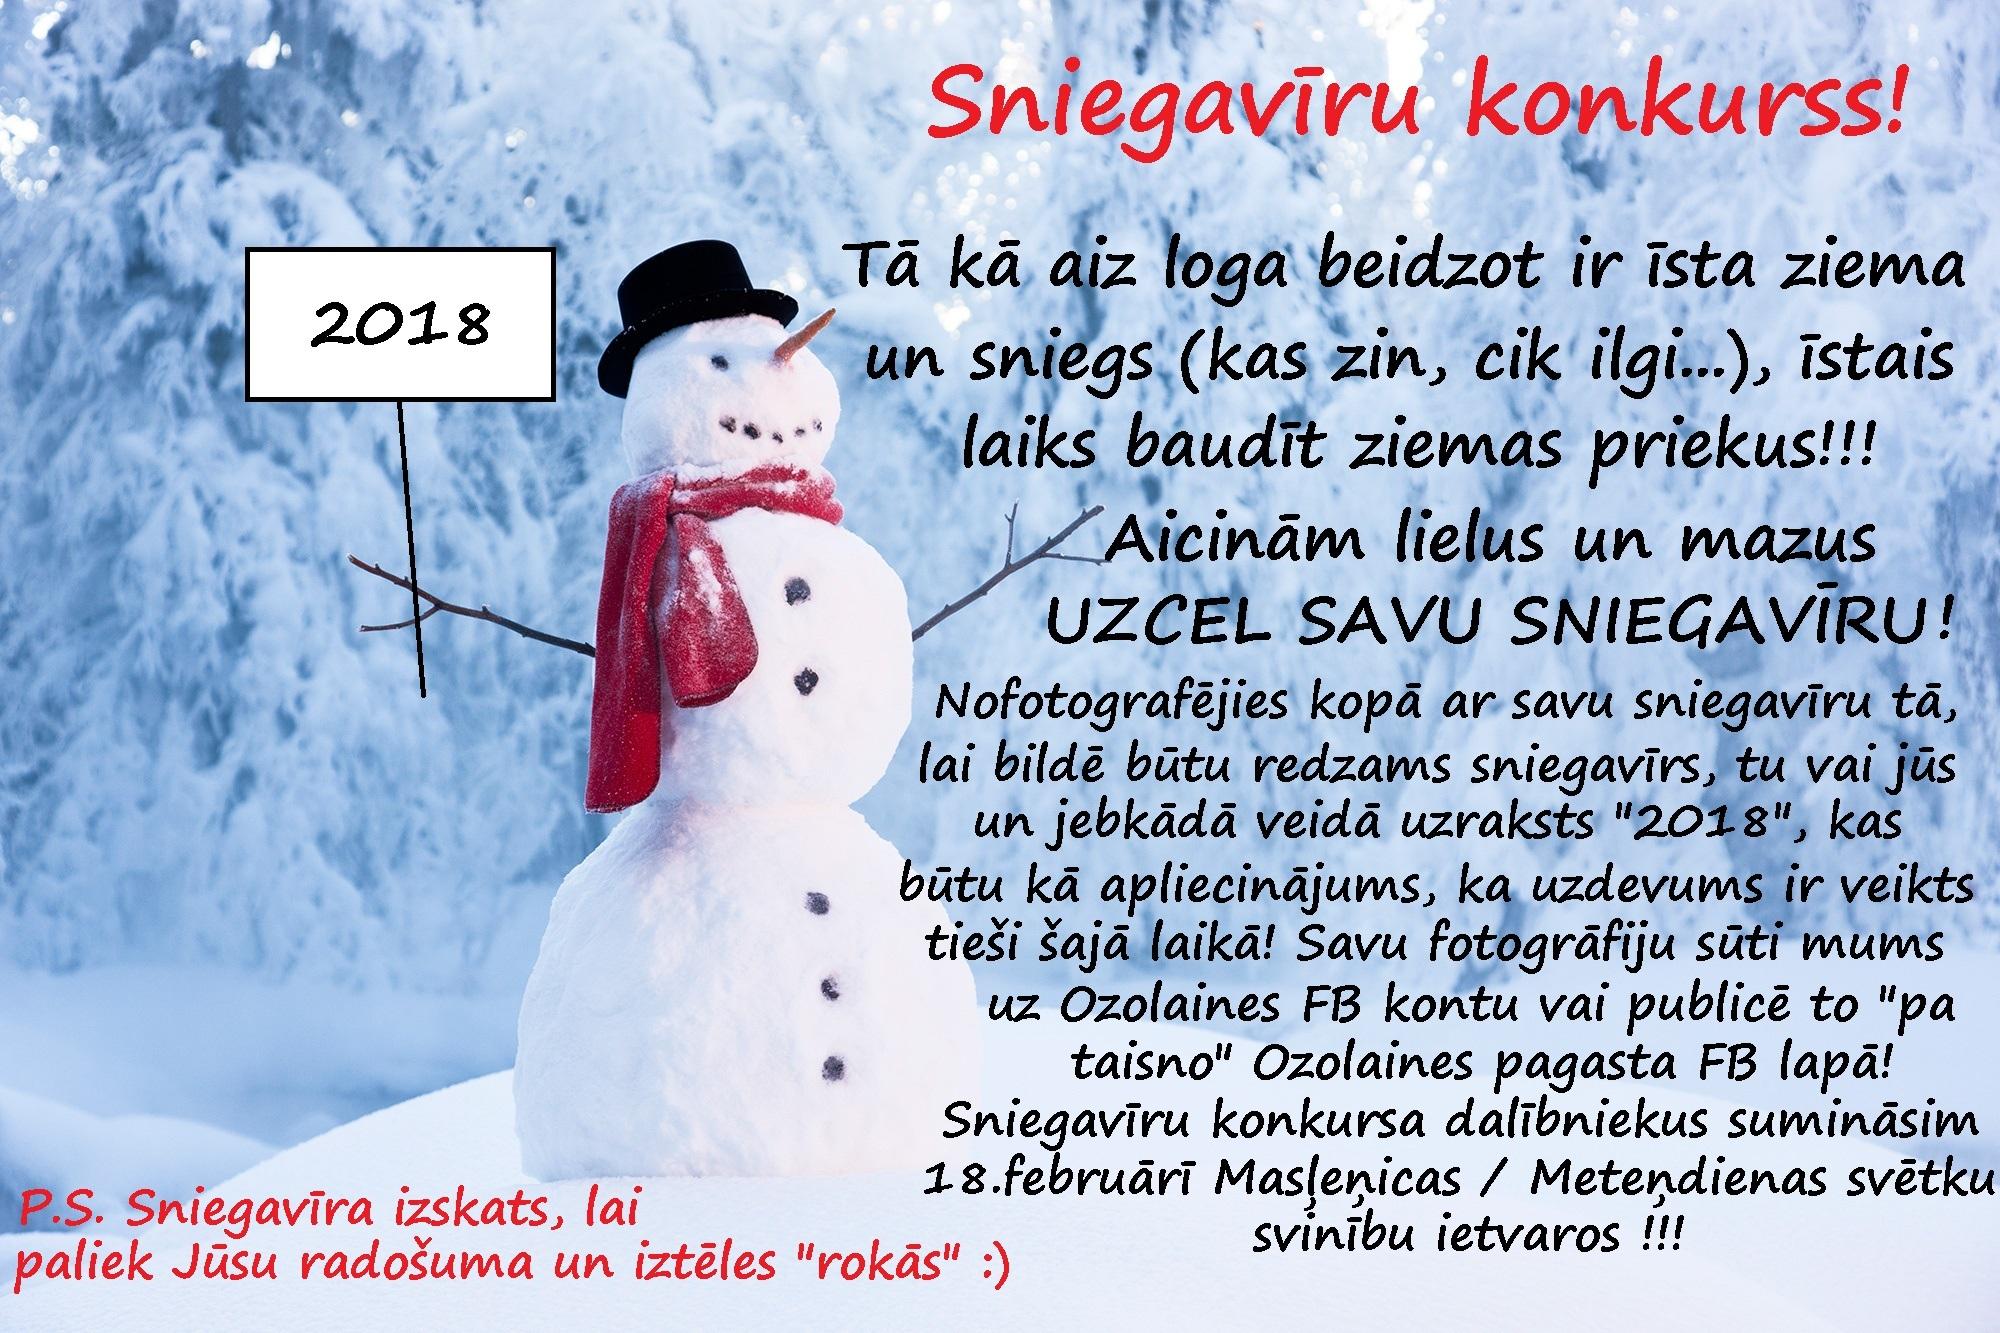 Sniegavīru  konkurss